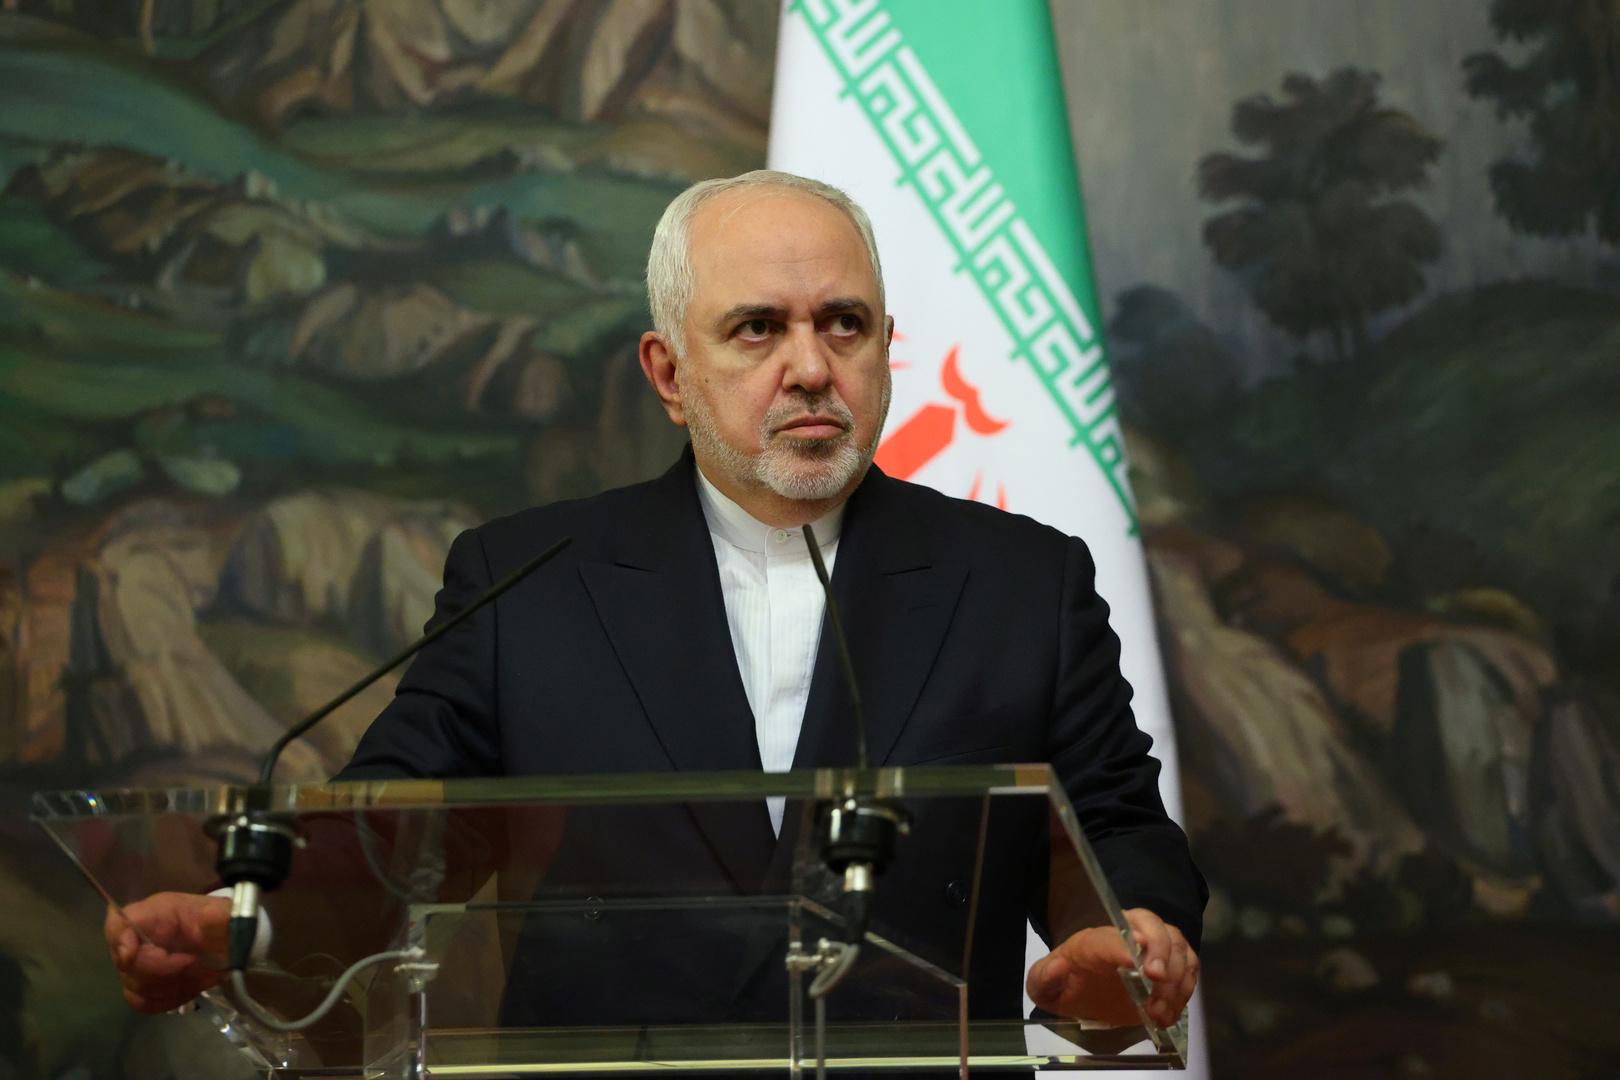 ظريف: انتهاء الحظر على تسلح إيران انتصار لقضية التعددية والسلام في الشرق الأوسط